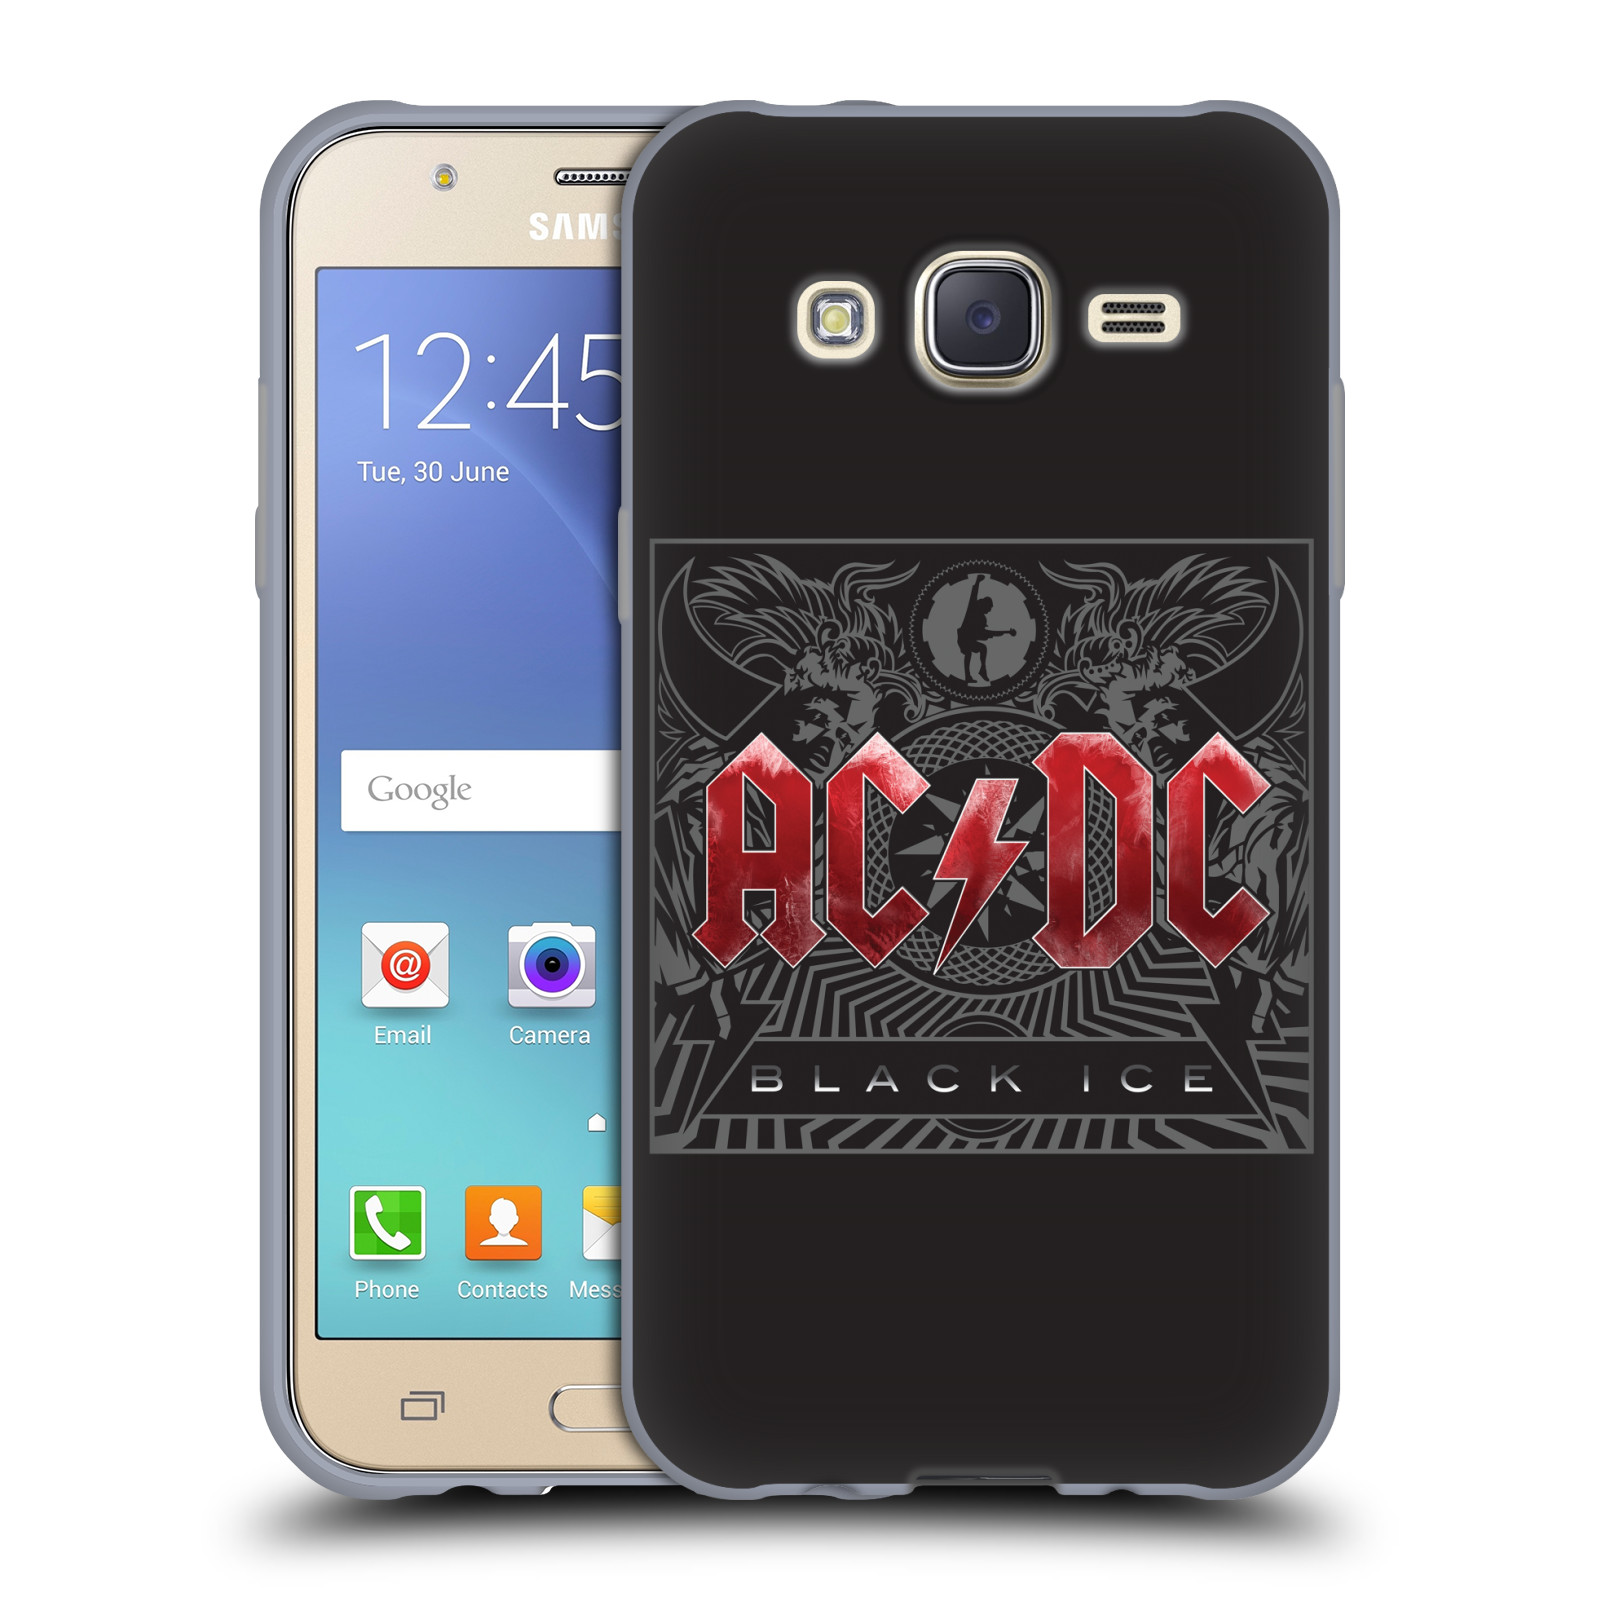 Silikonové pouzdro na mobil Samsung Galaxy J5 HEAD CASE AC/DC Black Ice (Silikonový kryt či obal na mobilní telefon s oficiálním motivem australské skupiny AC/DC pro Samsung Galaxy Samsung Galaxy J5 SM-J500)